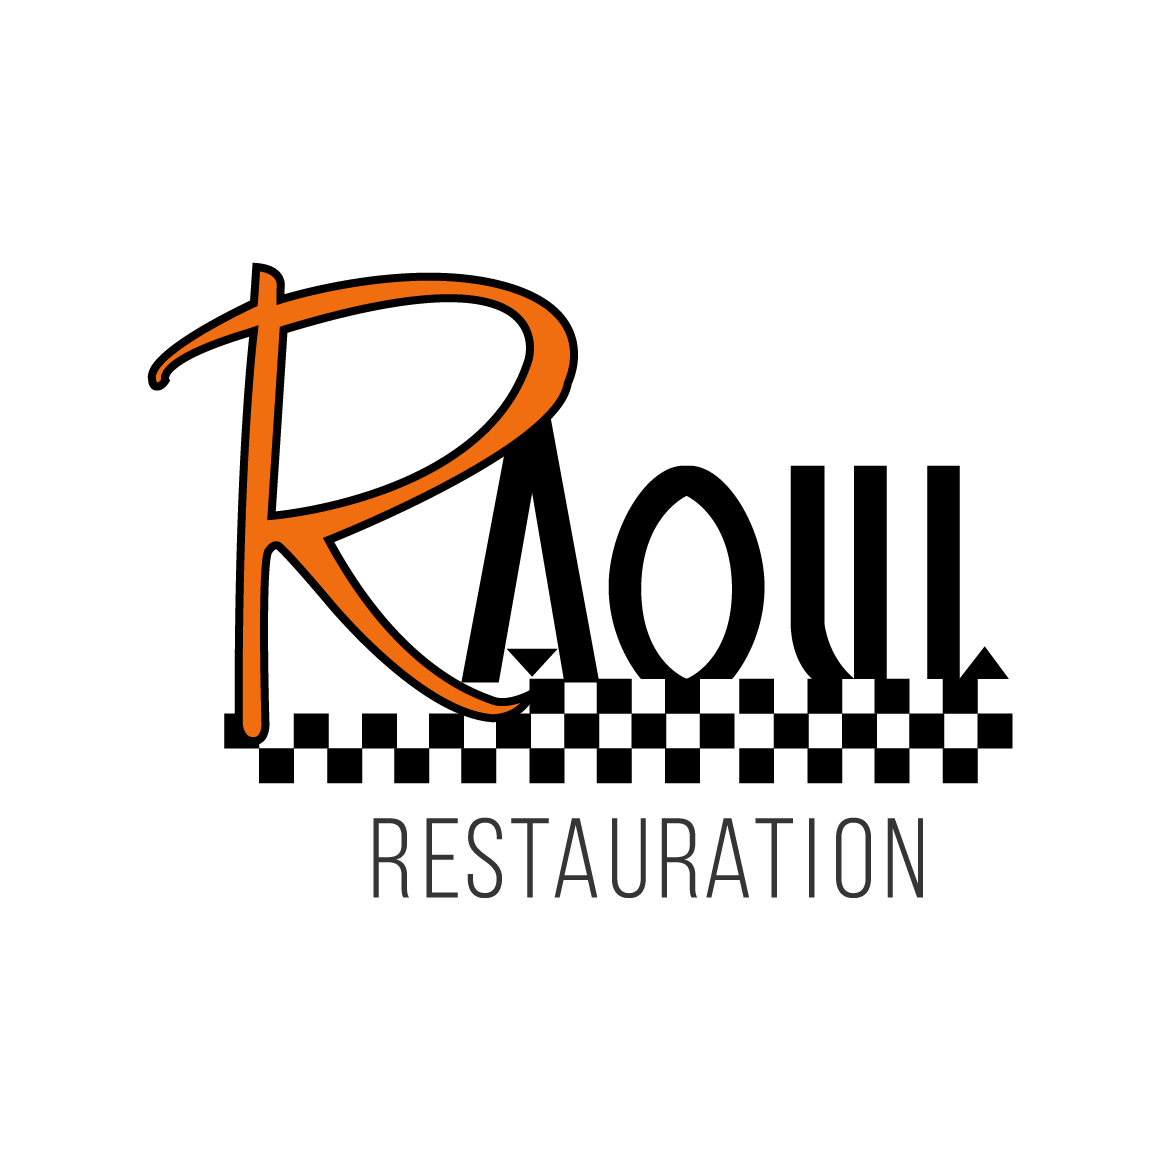 Raoul Restauration